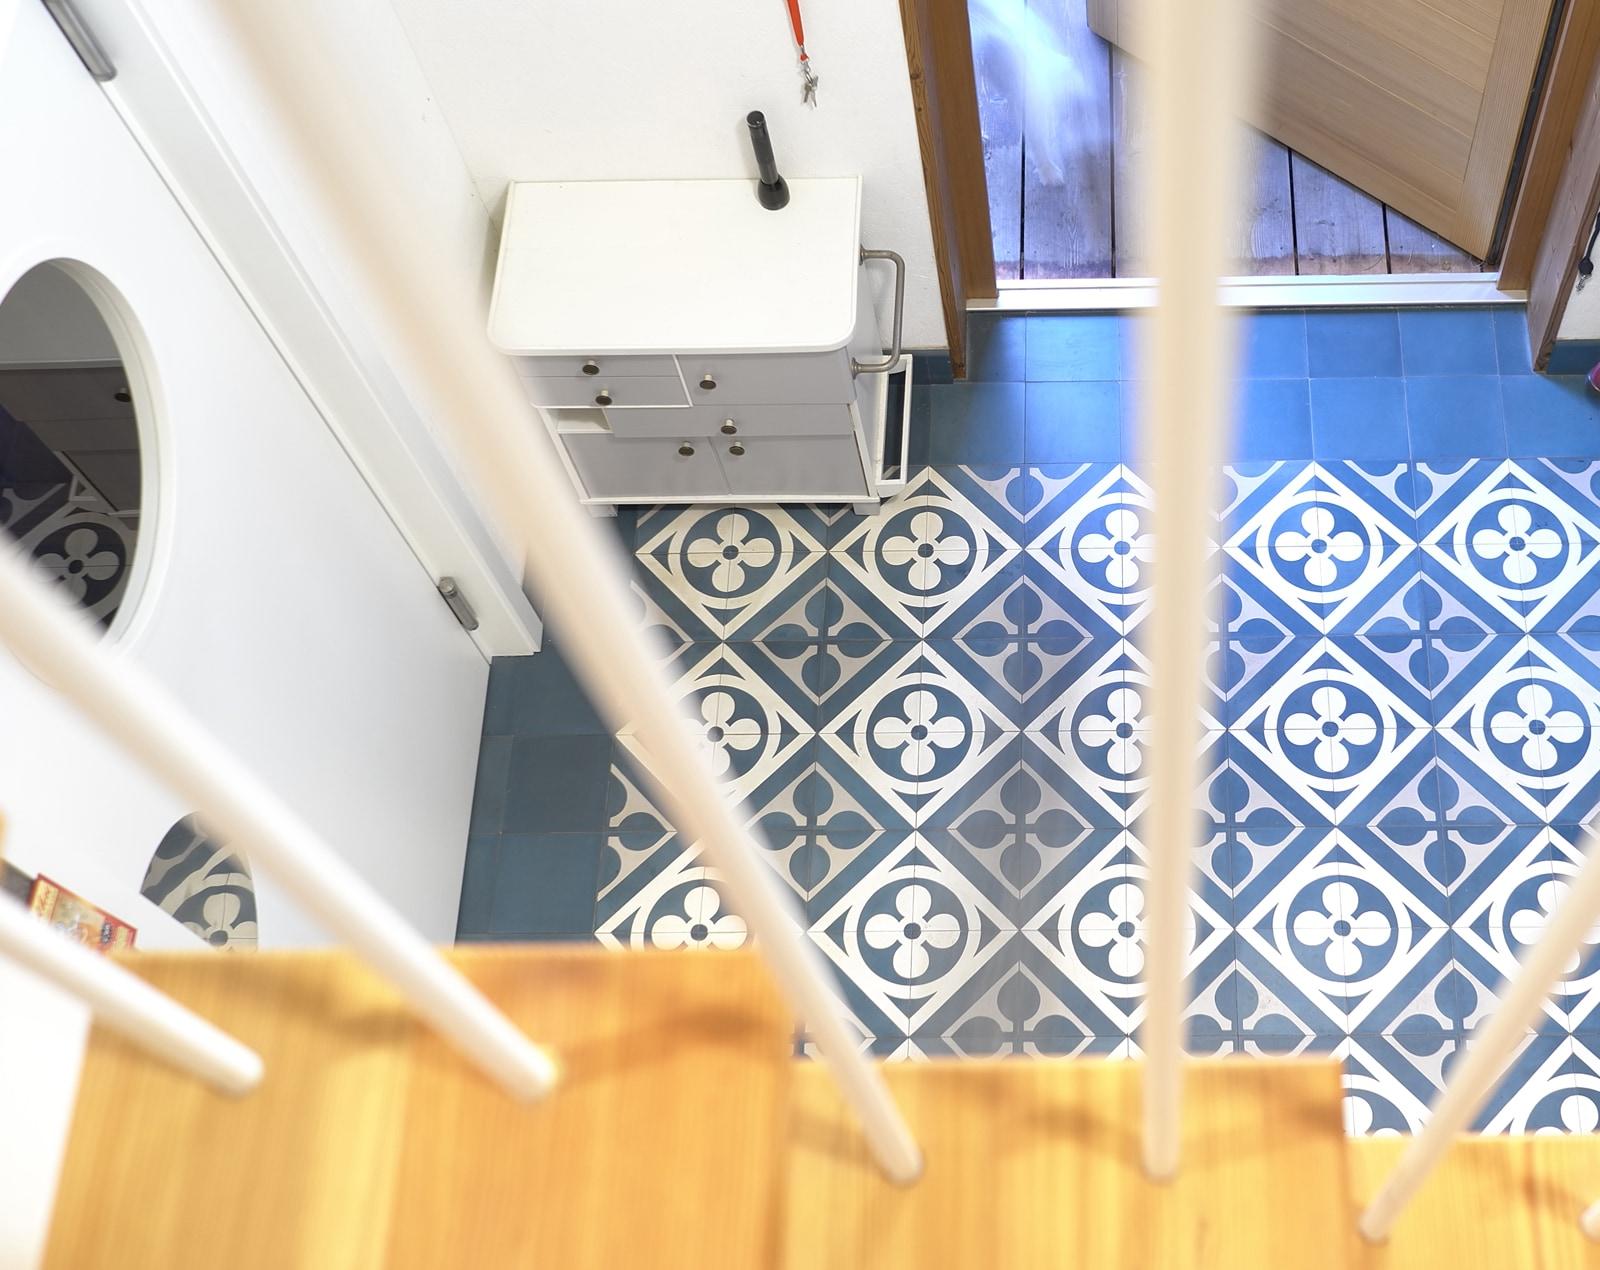 zementmosaikplatten-musternummer-13143-eingang-via-gmbh | 13143